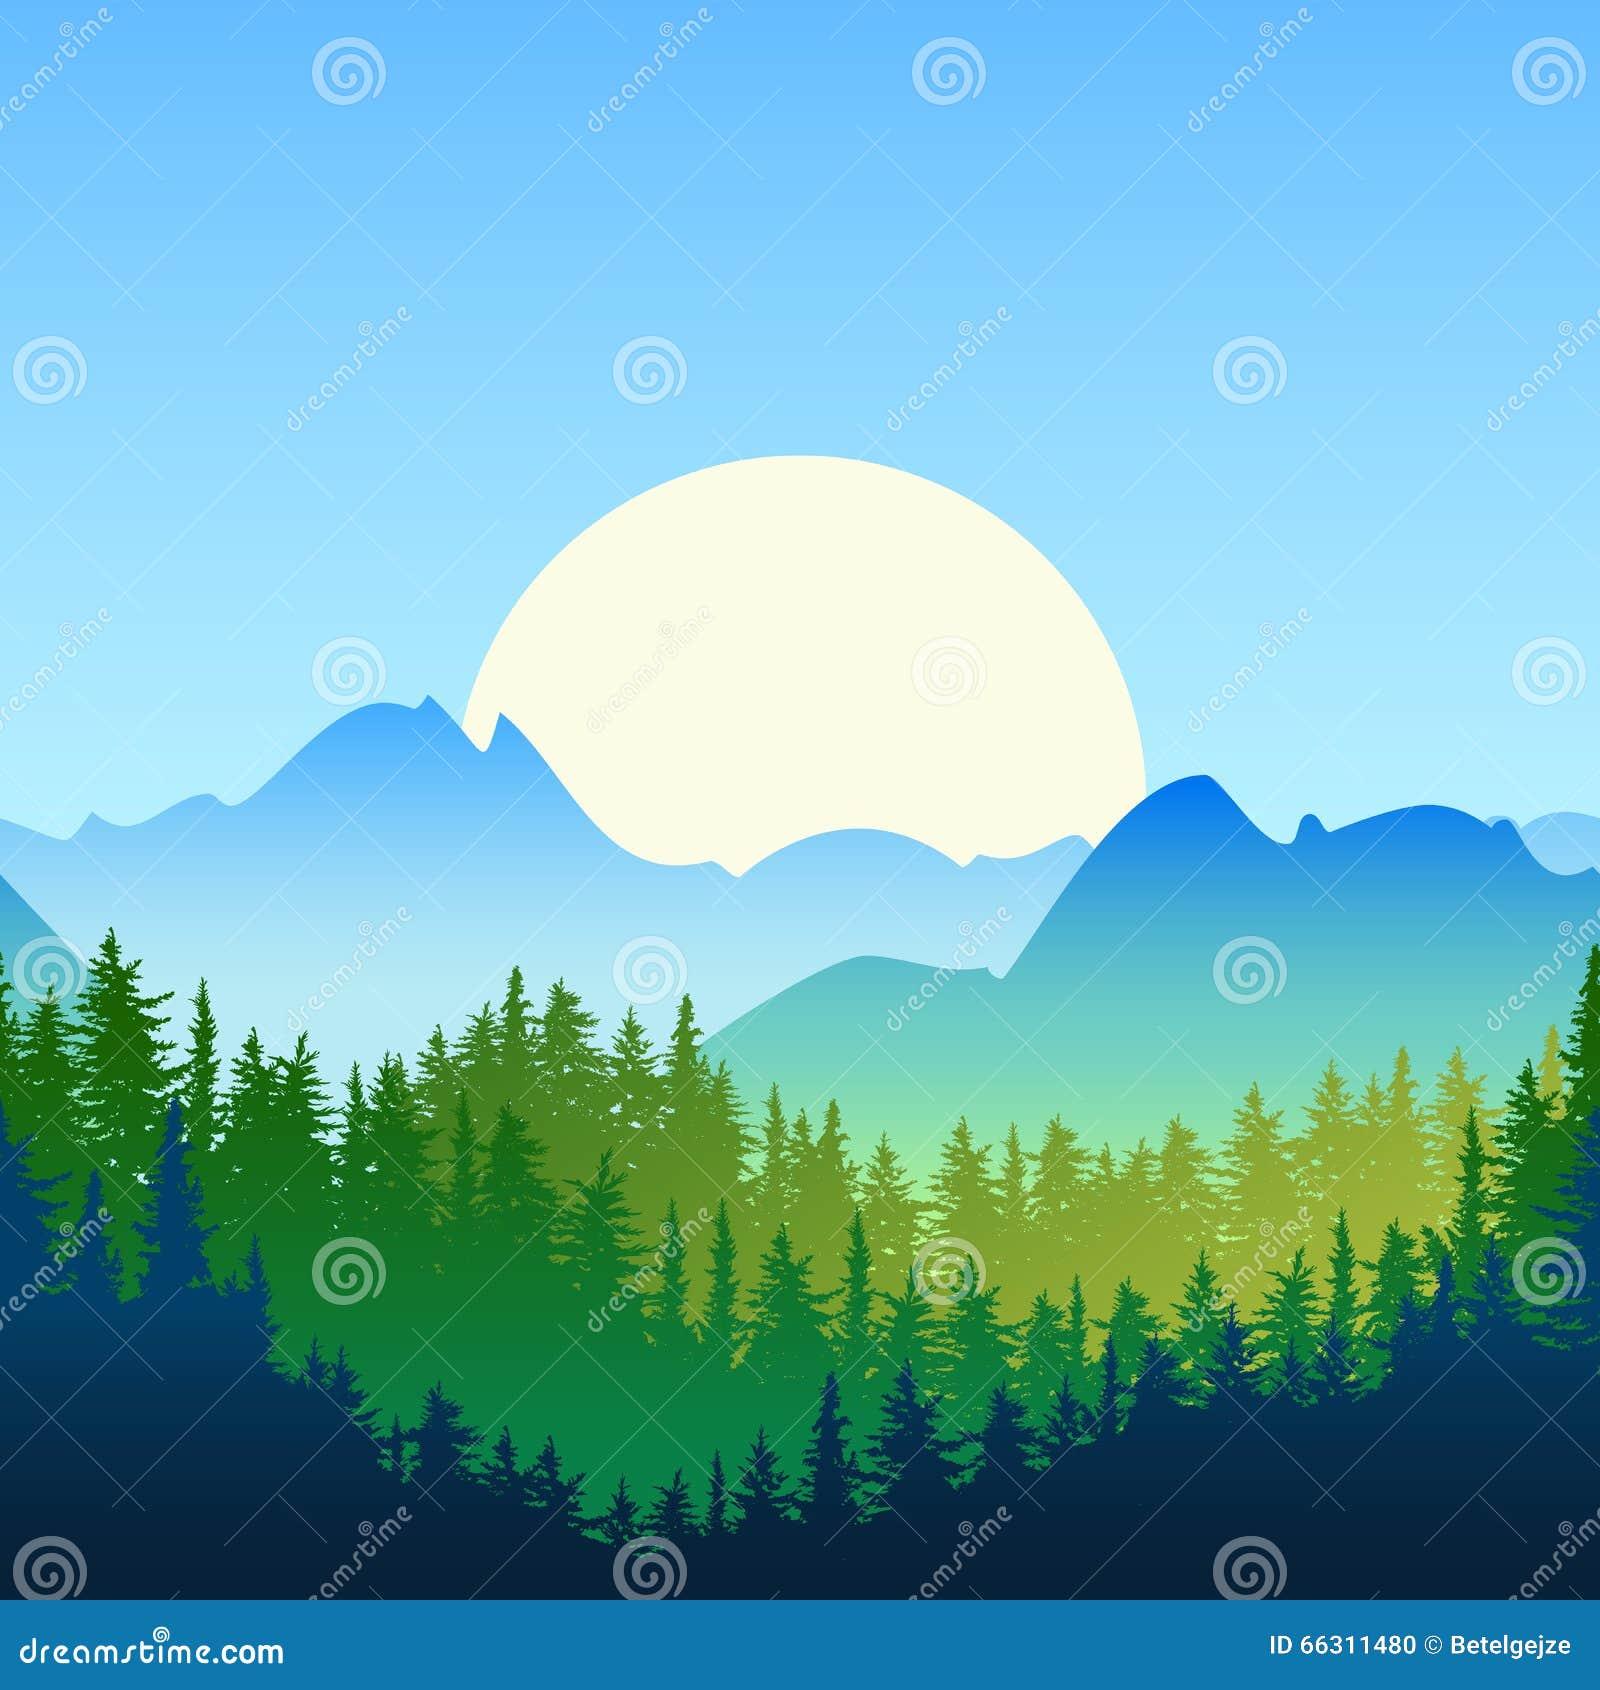 Landscape Illustration Vector Free: Illustration Of Summer Or Spring Landscape. Sun, Mountains